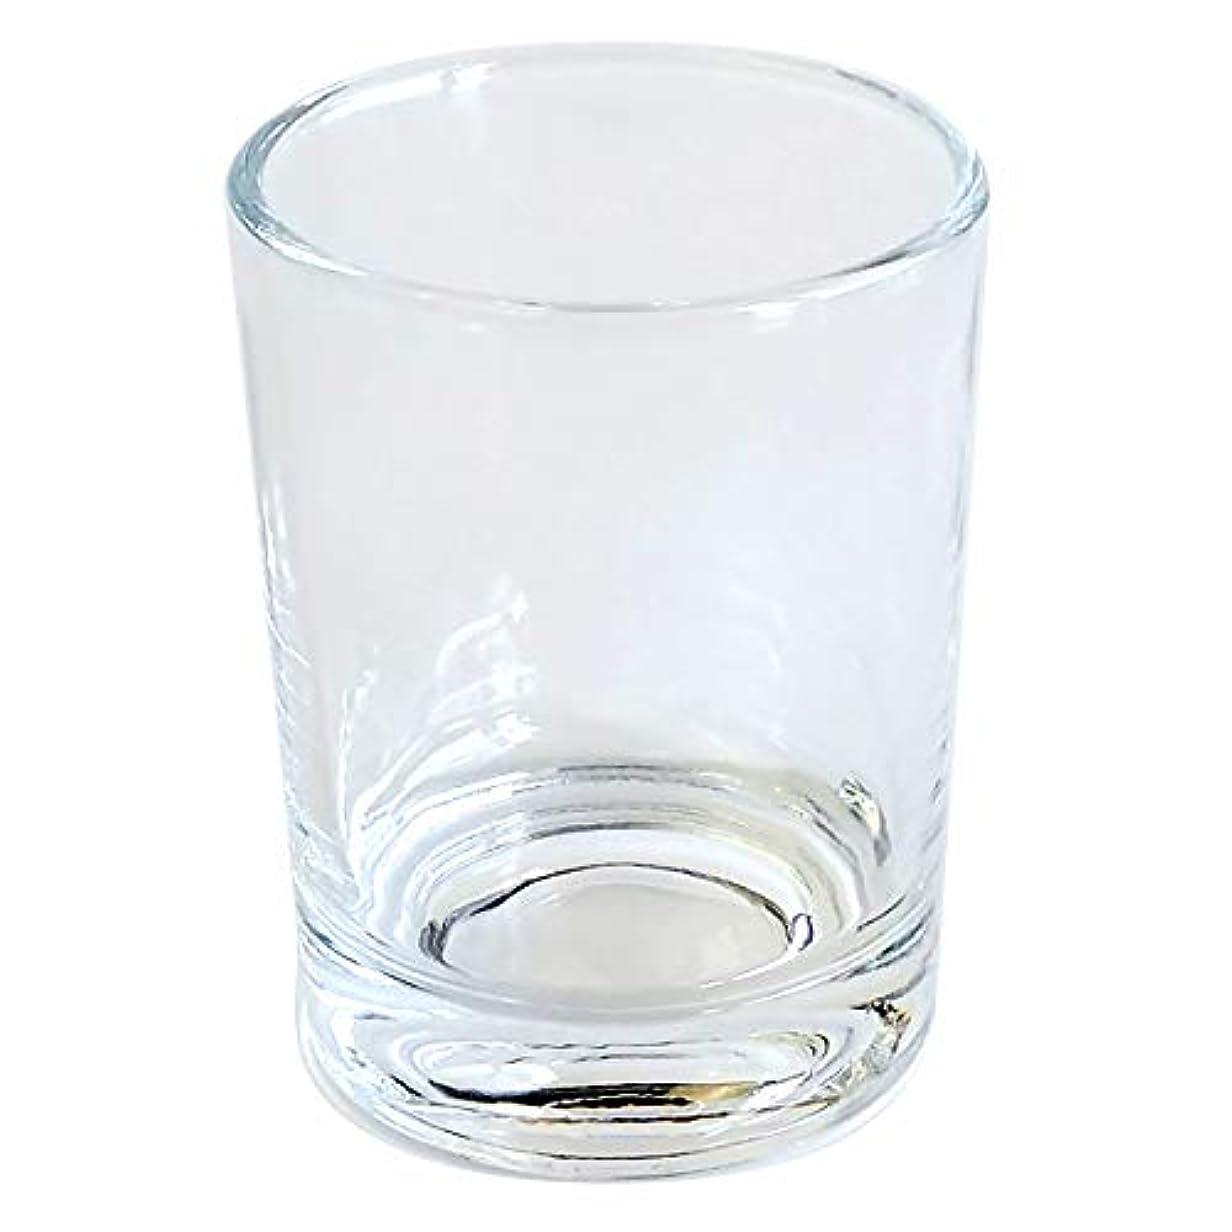 工業用クラシックエスニックキャンドルホルダー ガラス シンプル[大] 105個【キャンドルスタンド ろうそく立て 燭台 おしゃれ】